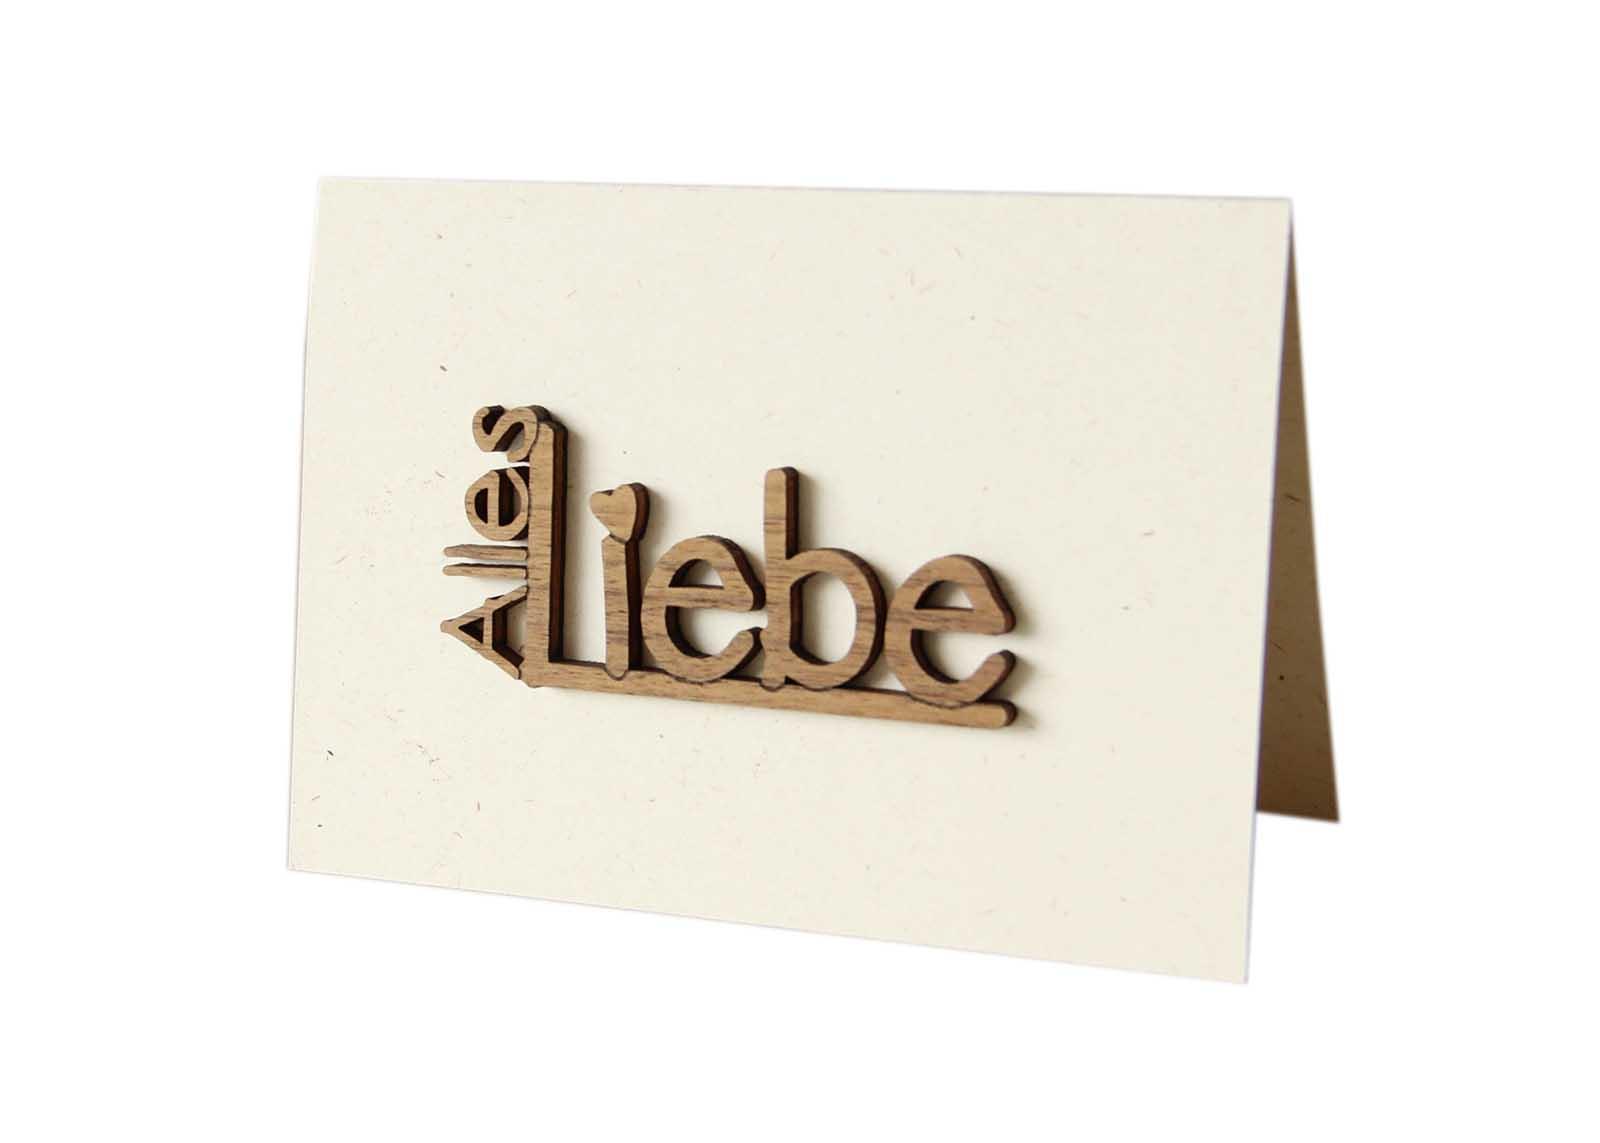 """Holzgrußkarte - Papierkarte mit Schriftzug aus Echtholz in Nuss """"Alles Liebe"""", Postkarte, Geschenkkarte, Klappkarte, Karte, Geburtstagskarte"""